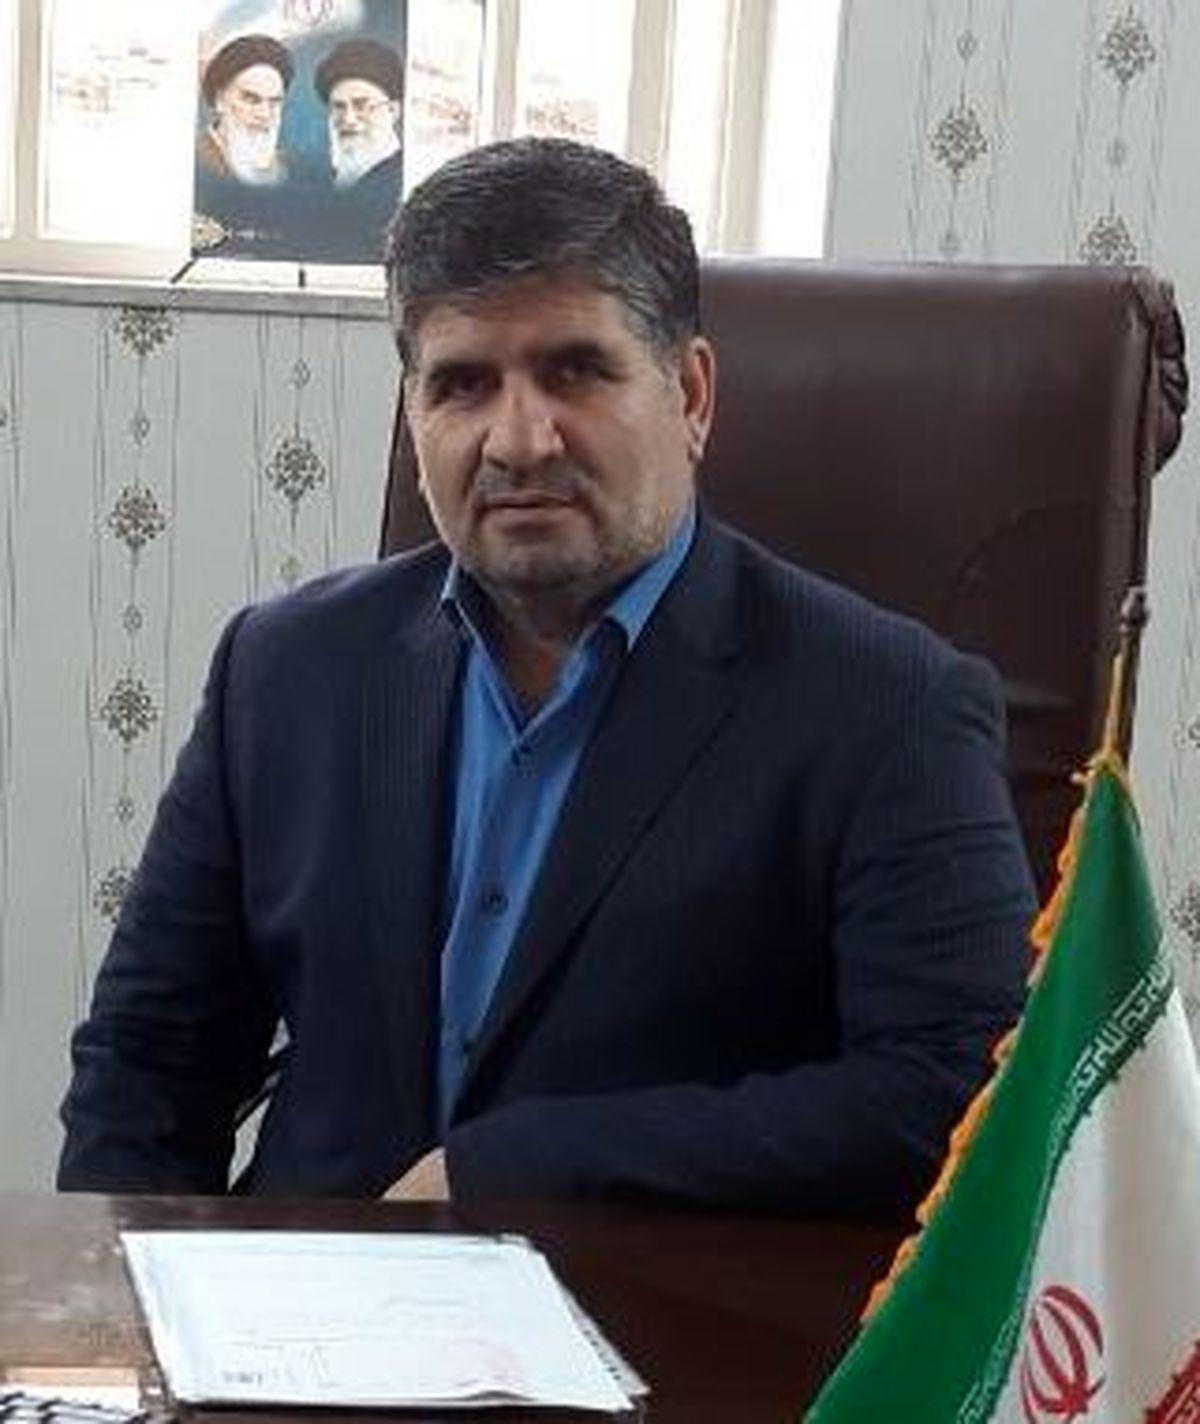 امیرعلی رشیدی به عنوان مشاور مدیرعامل در امور استانها منصوب شد